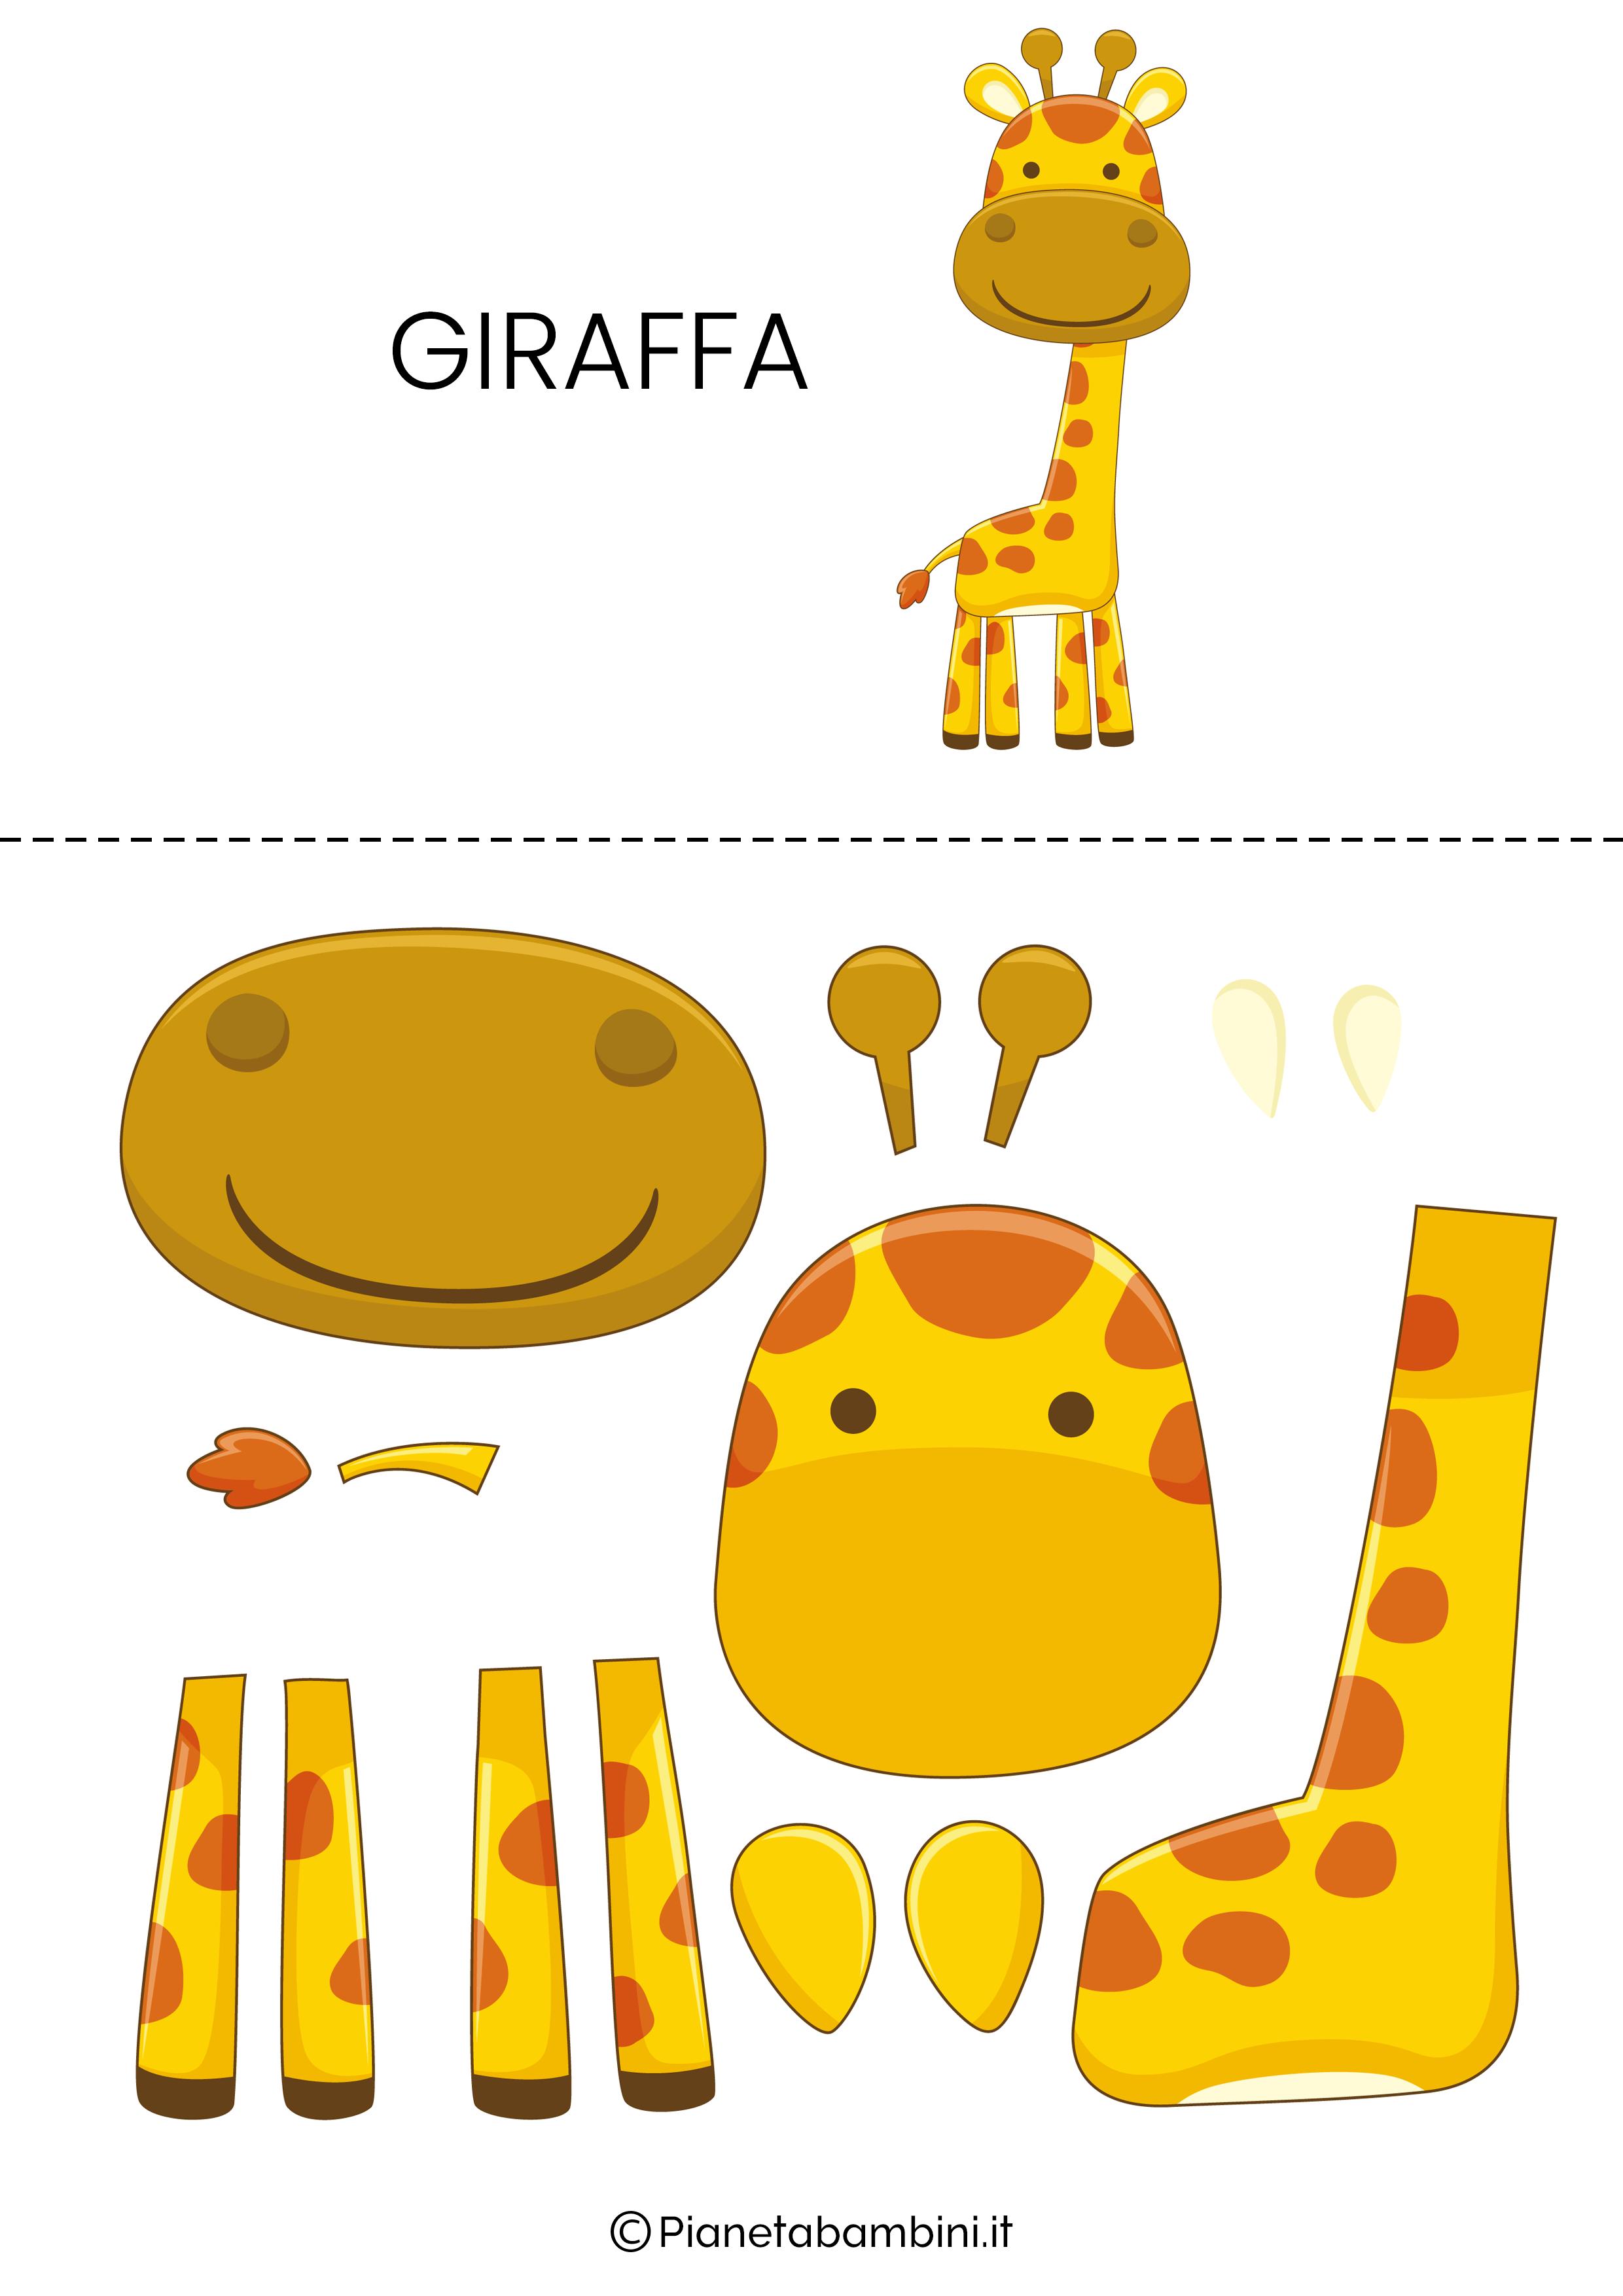 Puzzle da ritagliare e ricomporre sulla giraffa